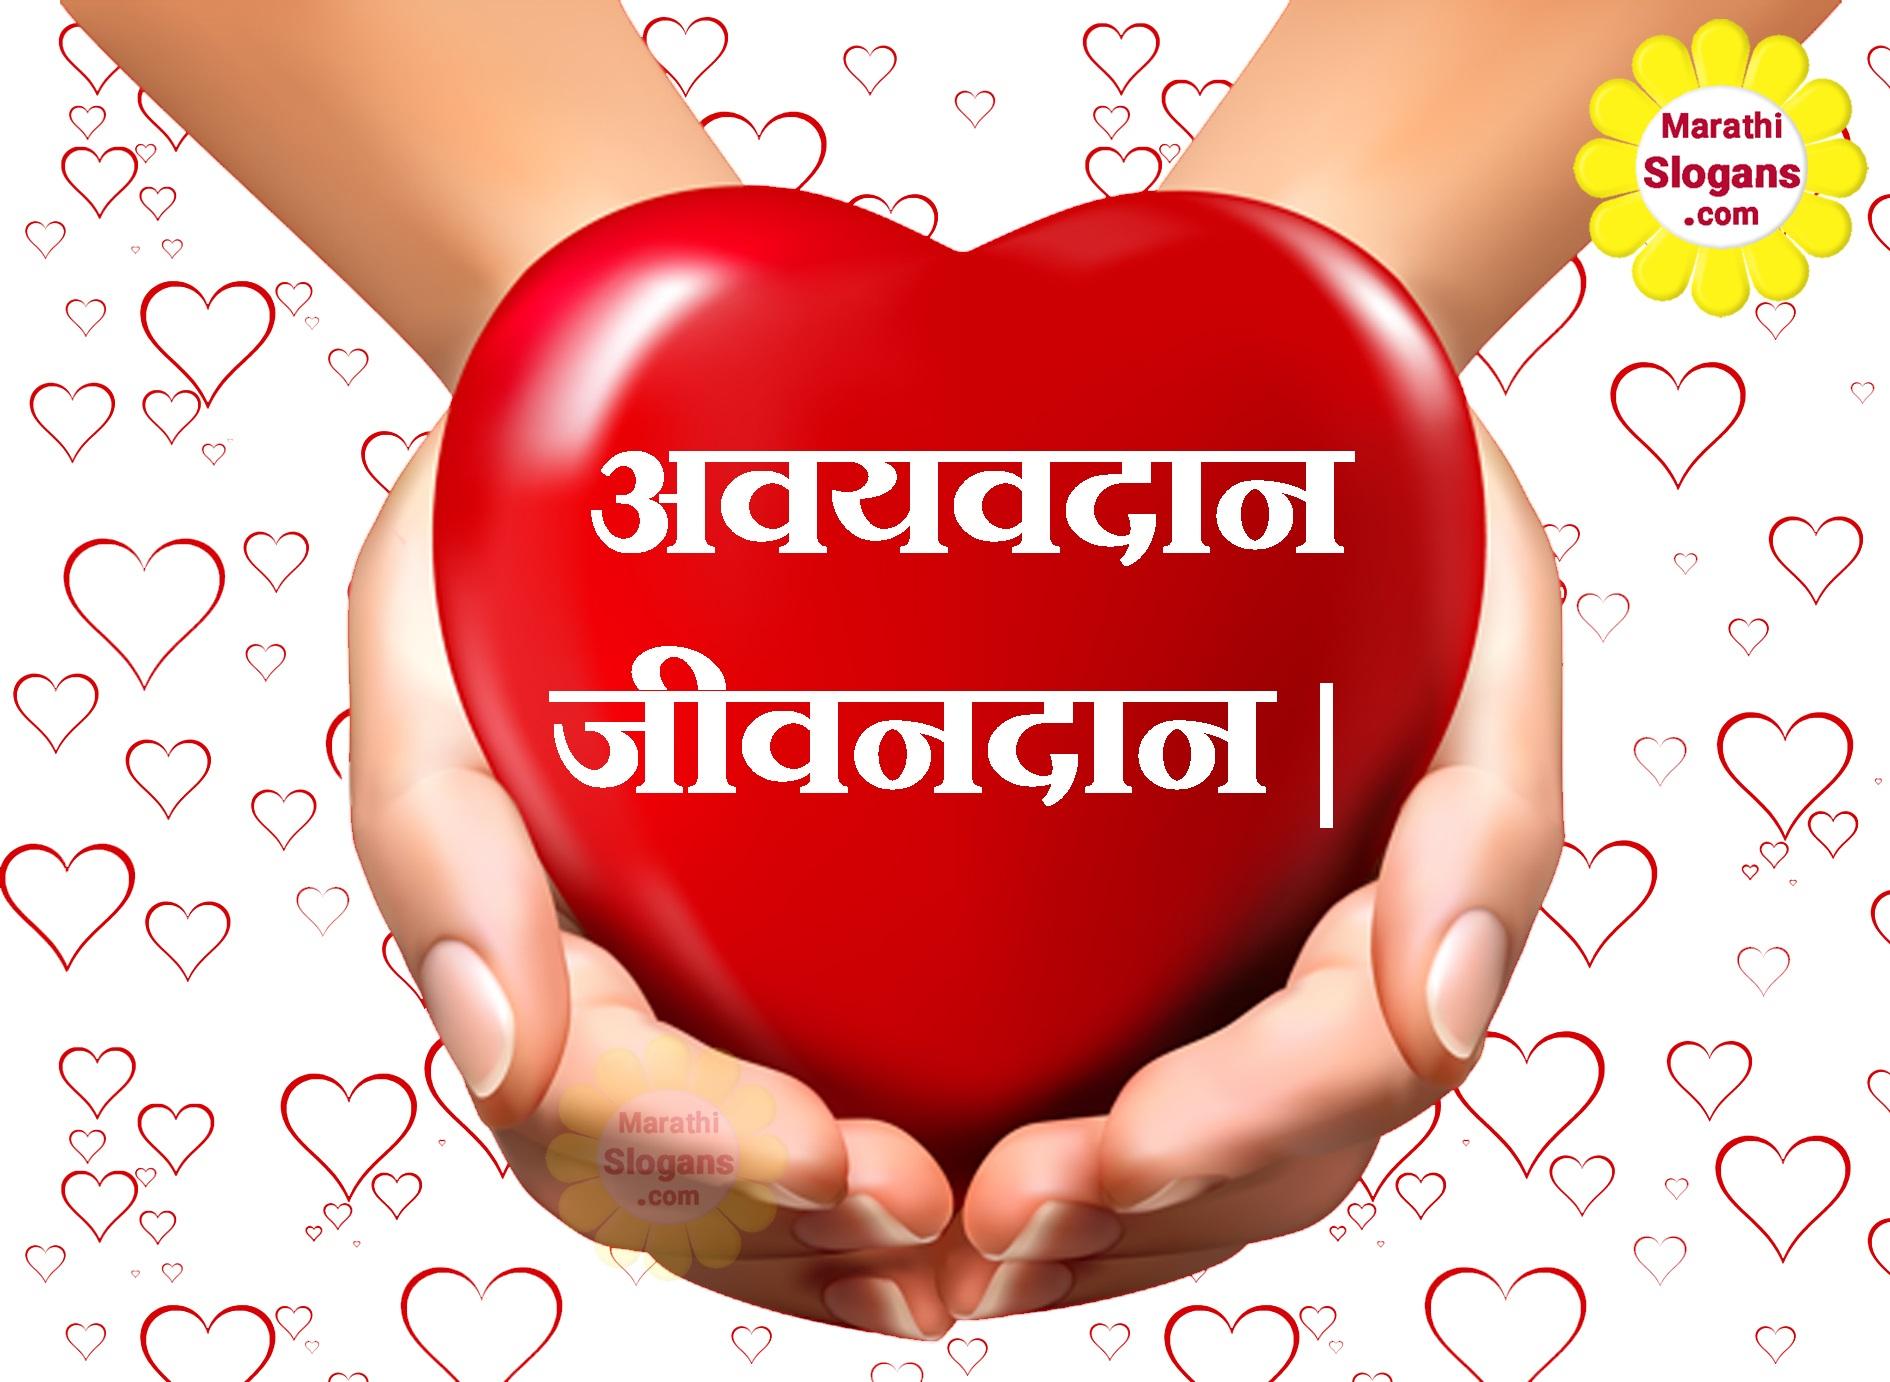 Marathi Slogans – Slogans on various topics in Marathi (मराठी